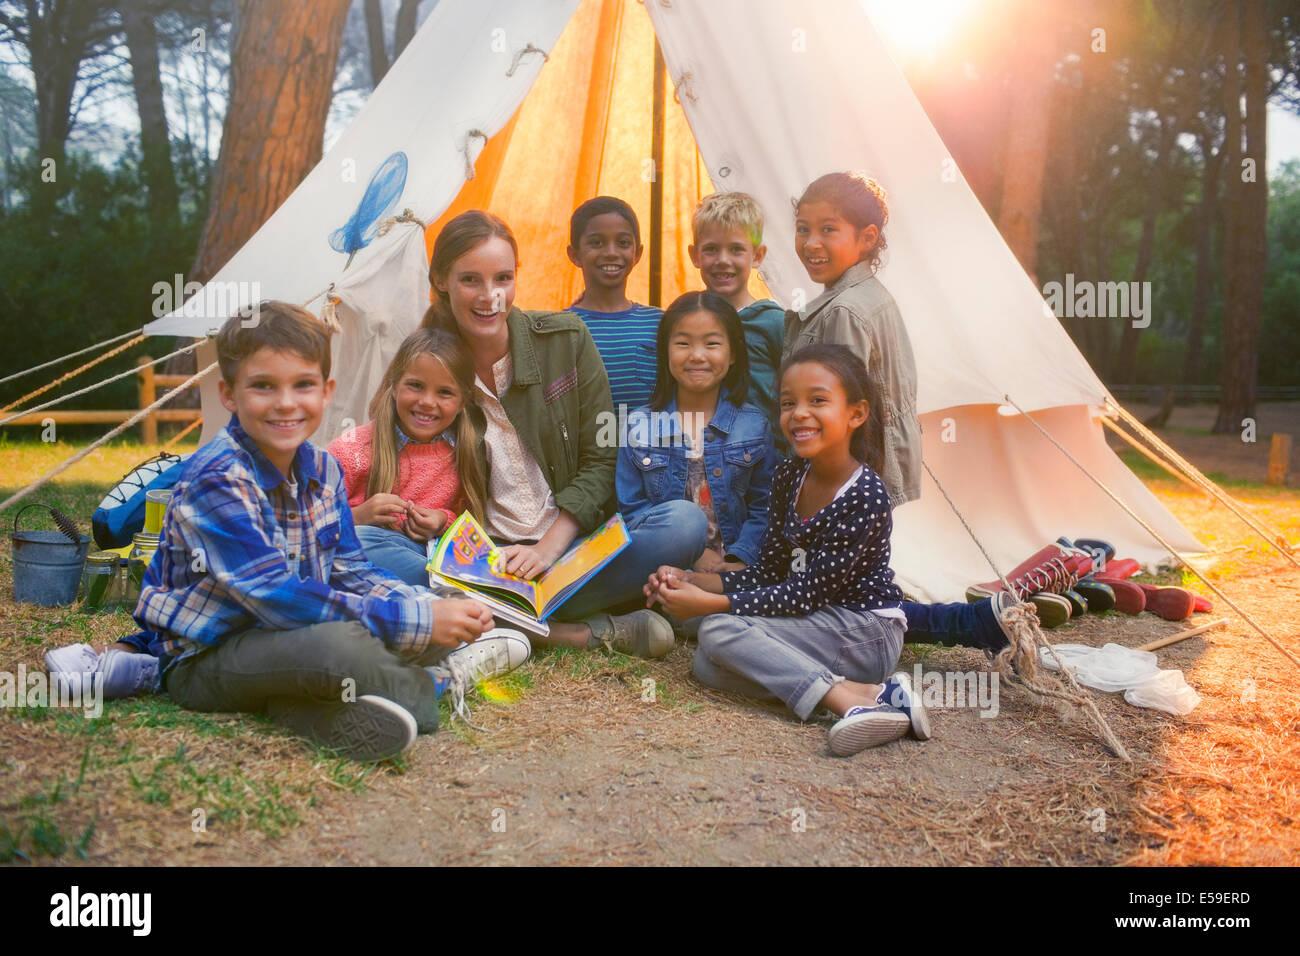 Los alumnos y el profesor sonriente en camping Imagen De Stock